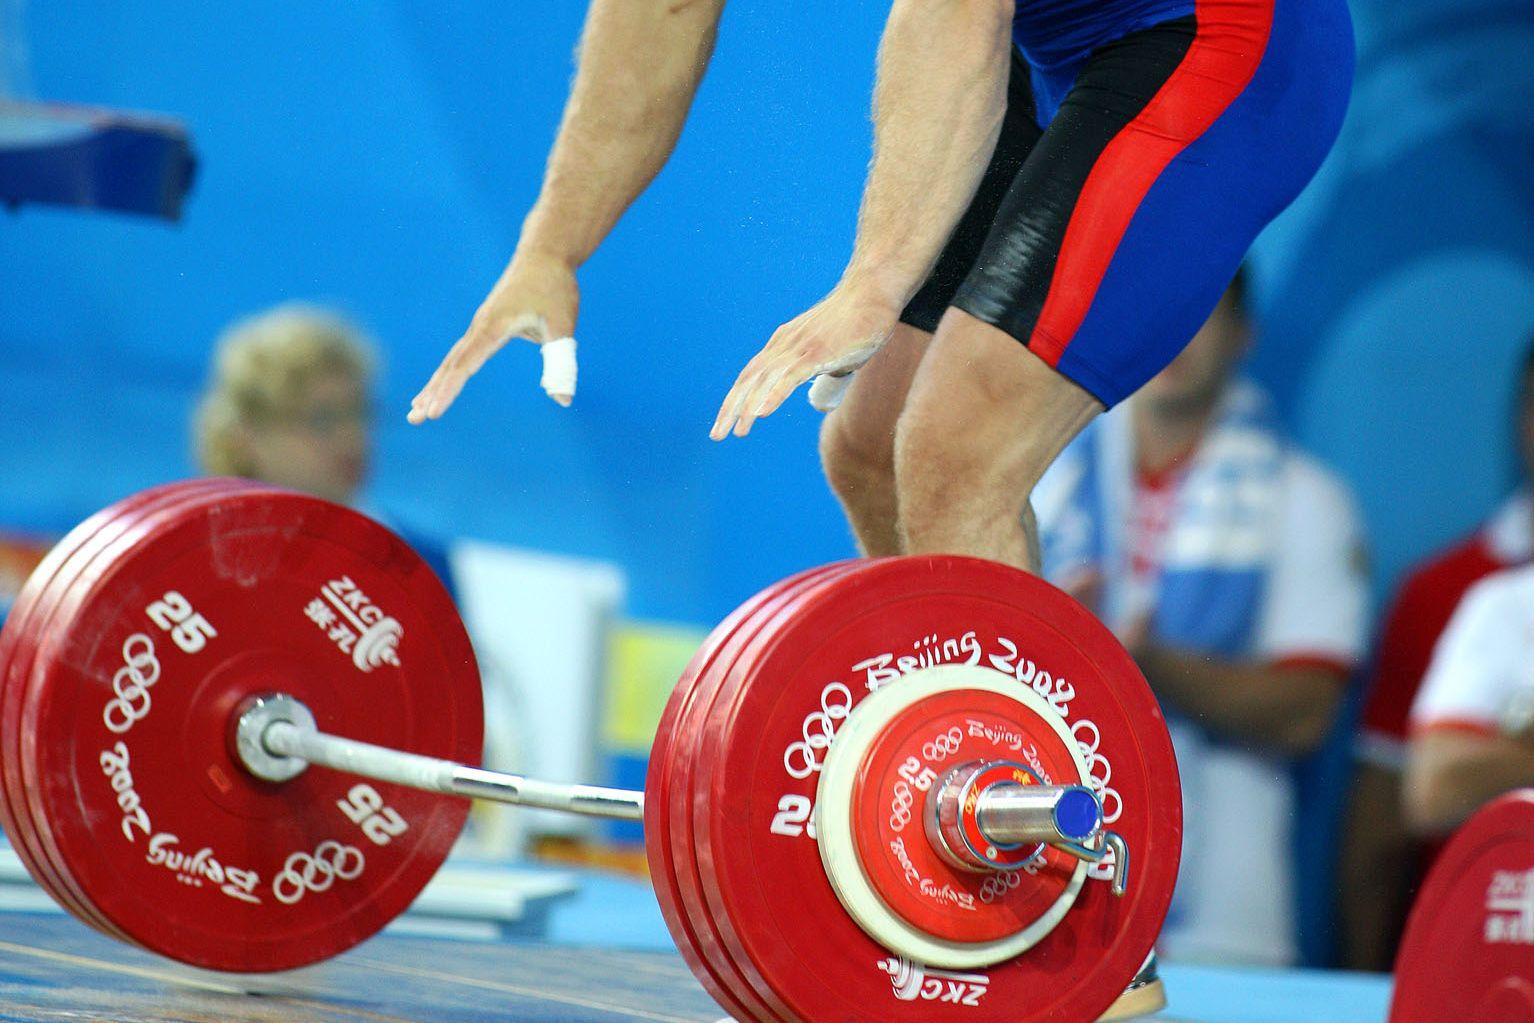 Чемпионат Европы по тяжёлой атлетике в Москве пройдёт с 3 по 11 апреля